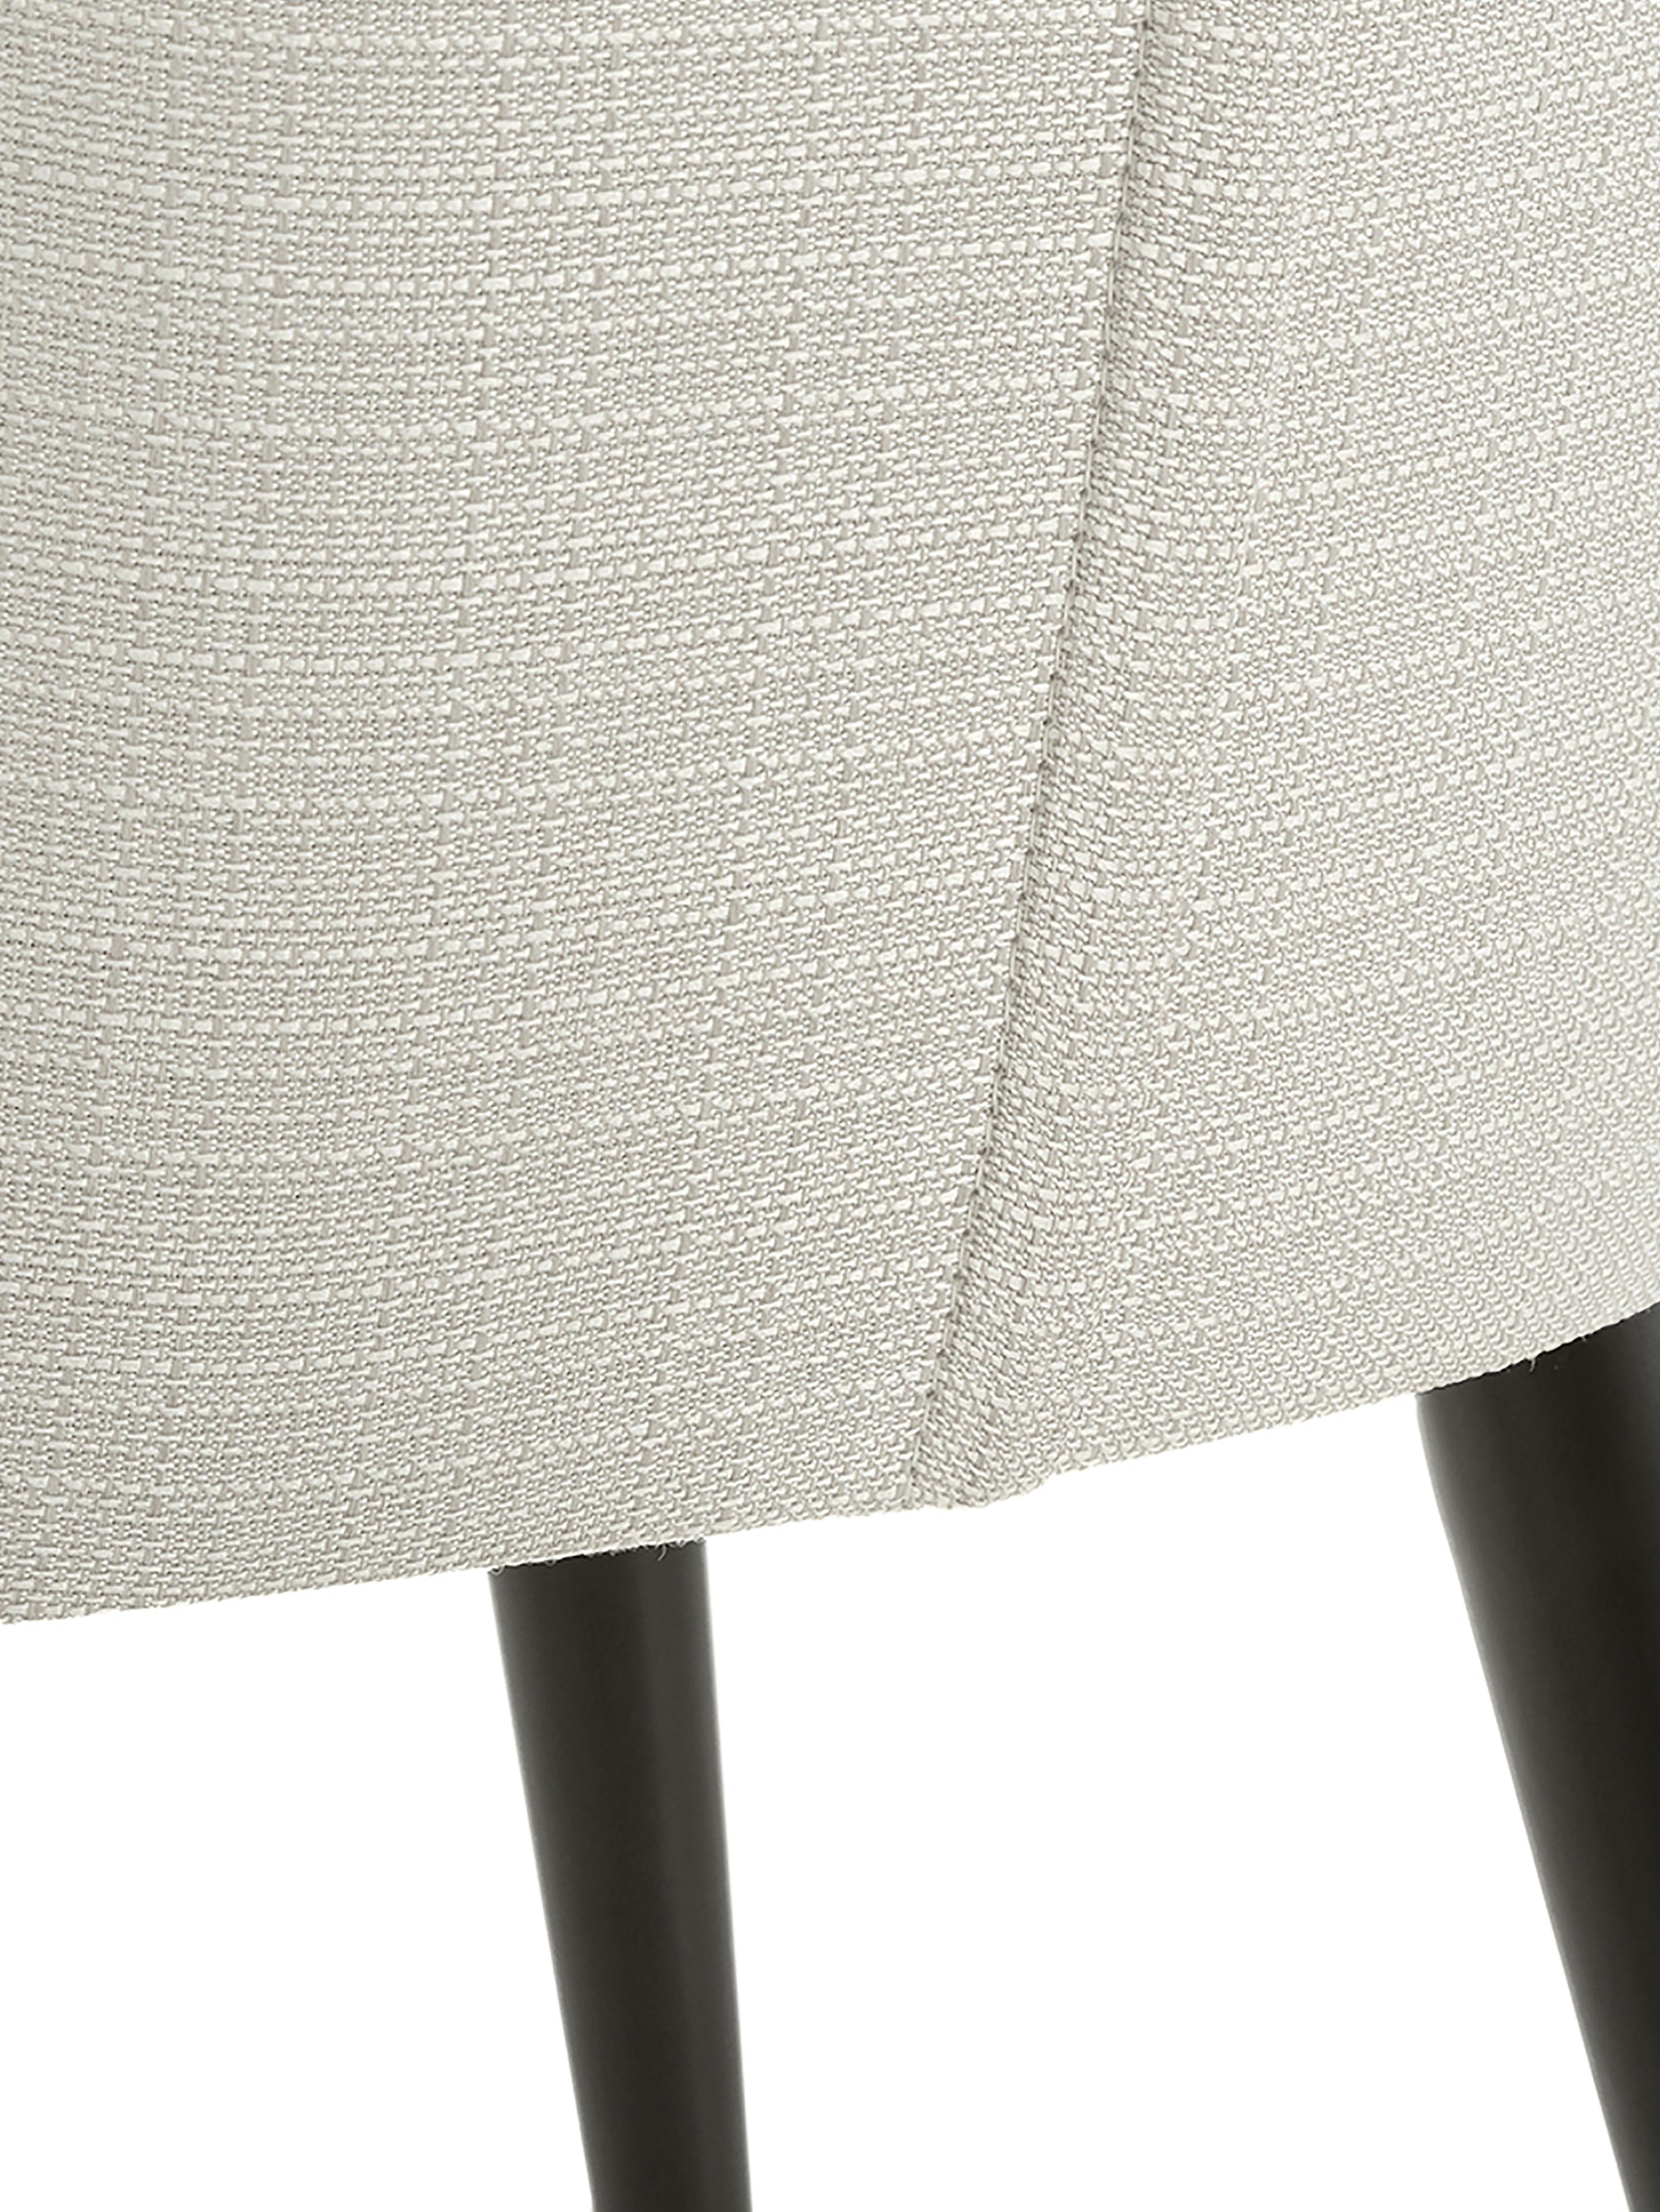 Klassischer Polsterstuhl Cleo, Bezug: Polyester 50.000 Scheuert, Beine: Metall, pulverbeschichtet, Webstoff Cremeweiß, 51 x 62 cm